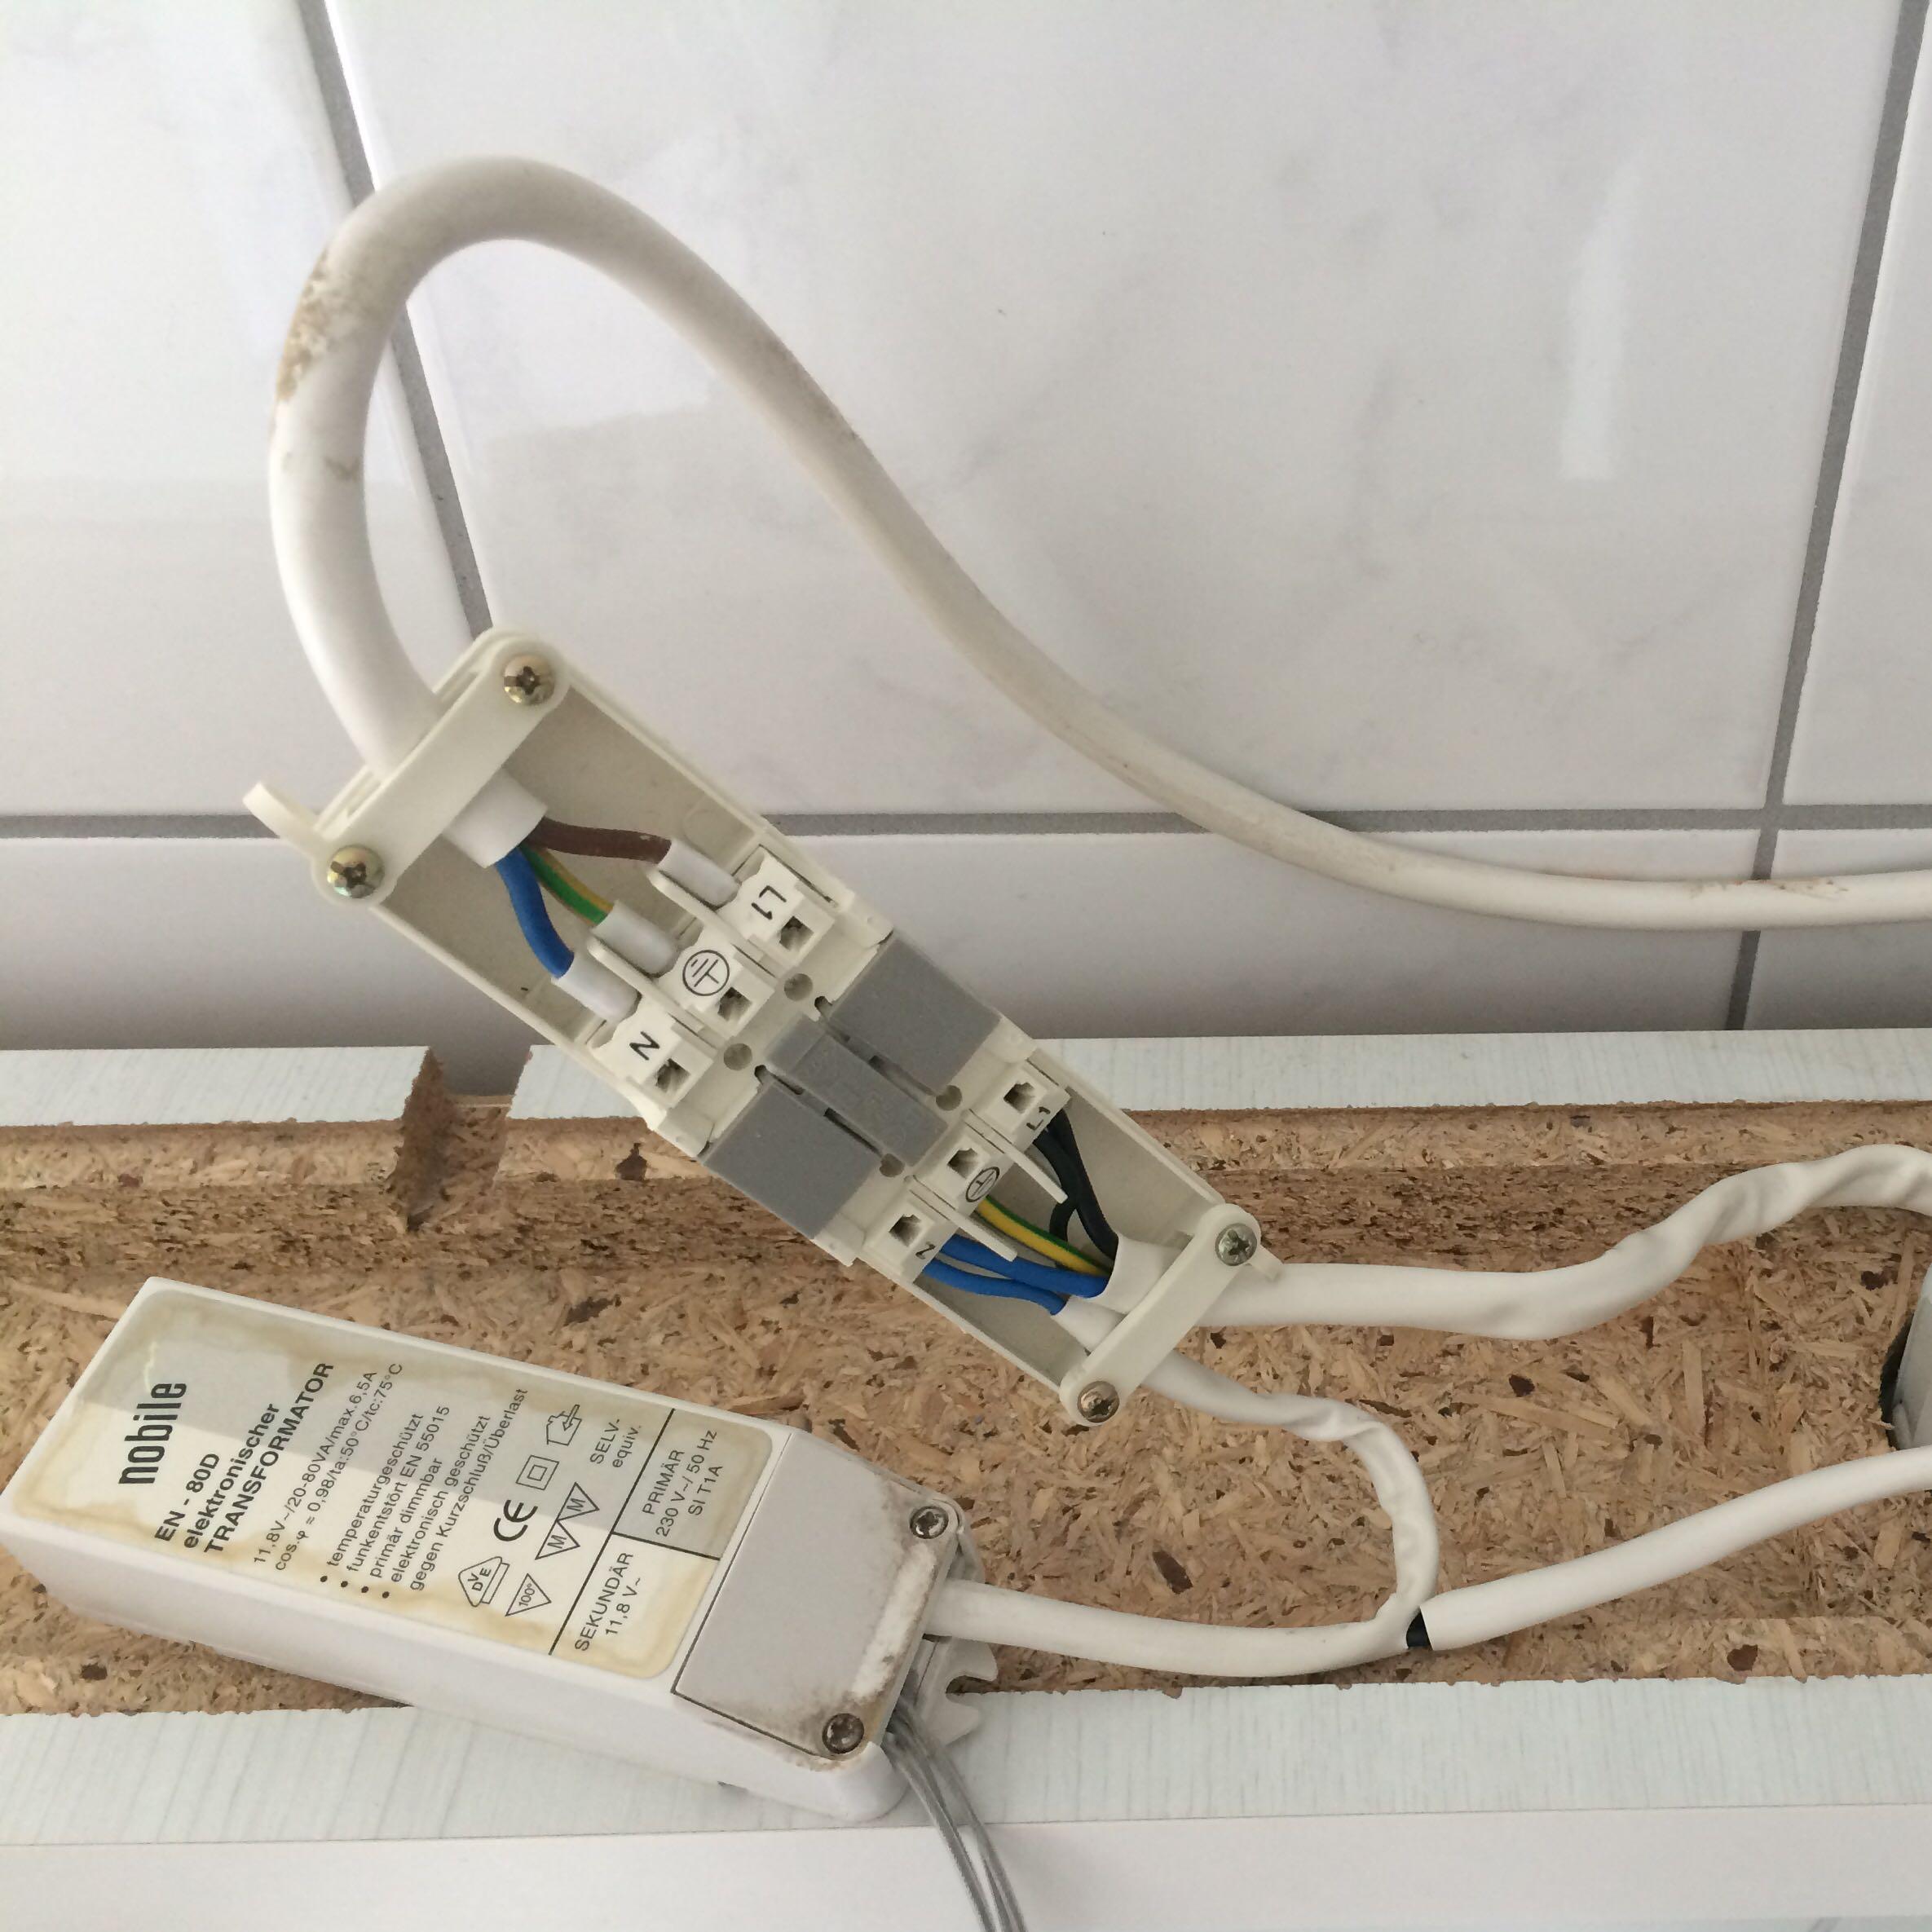 bei bet tigten externen lichtschalter funktioniert nur die in dem schrank integrierte steckdose. Black Bedroom Furniture Sets. Home Design Ideas